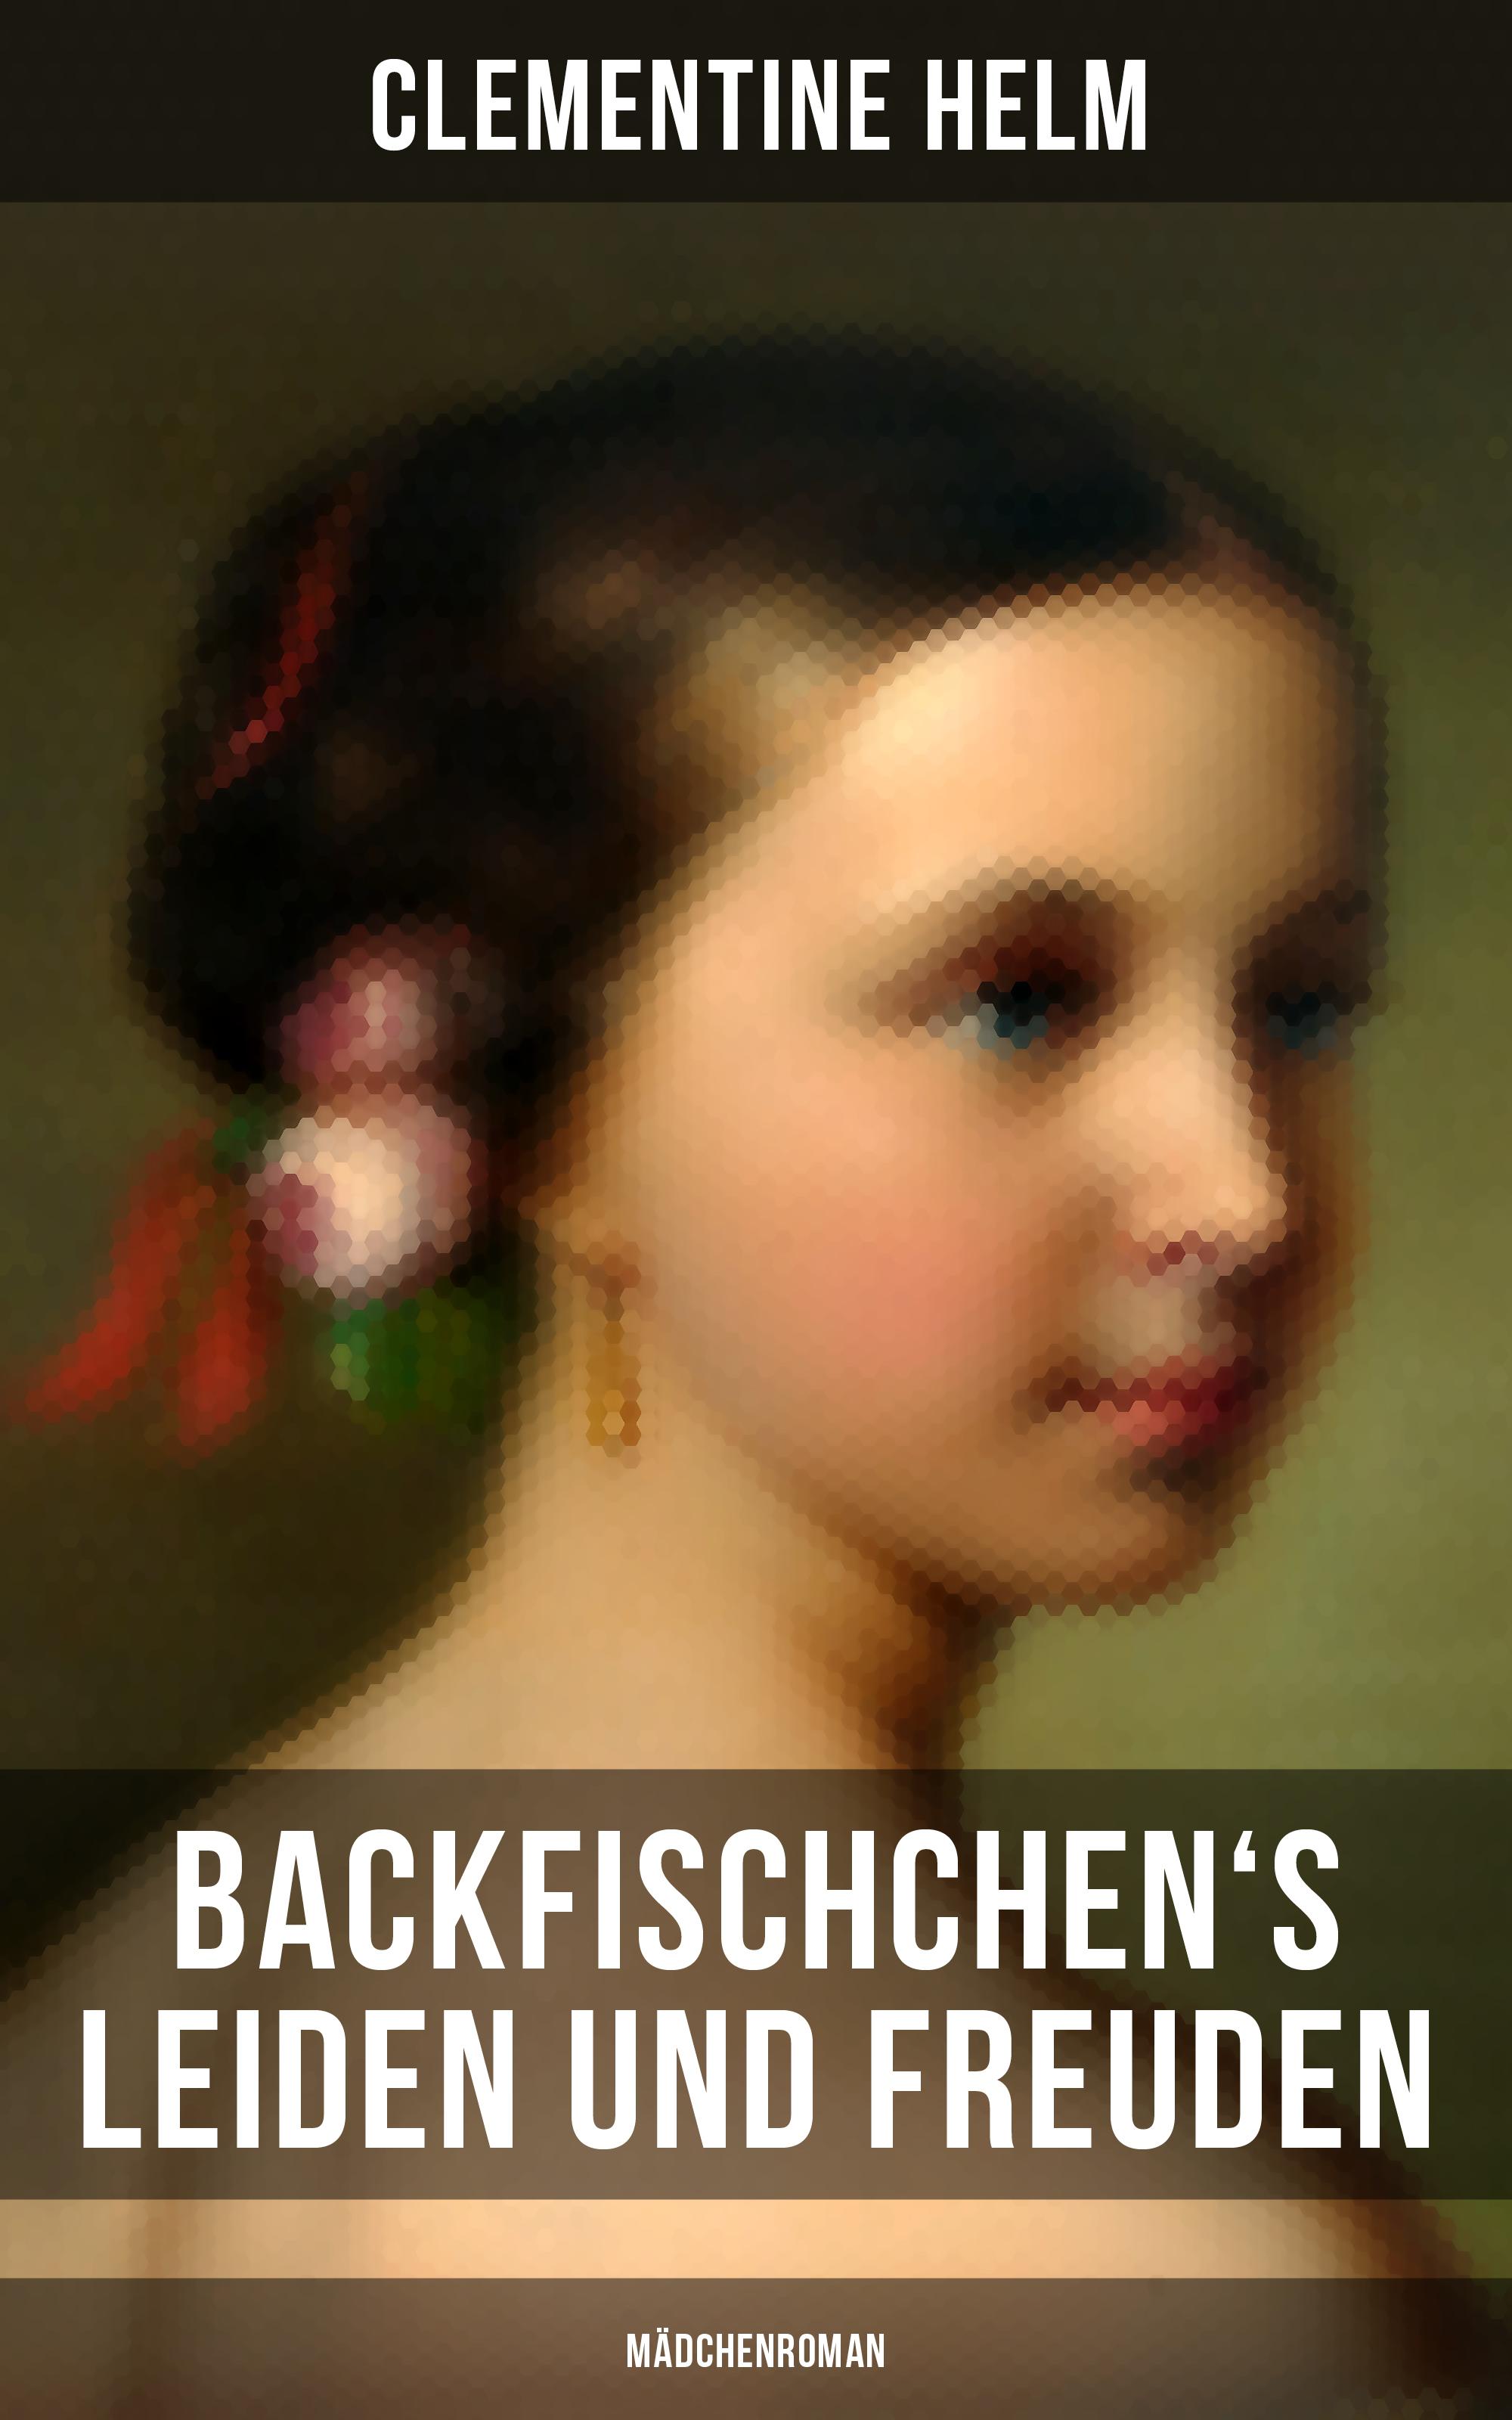 Helm Clementine Backfischchen's Leiden und Freuden (Mädchenroman) caglistro neue leiden marions entkleidung